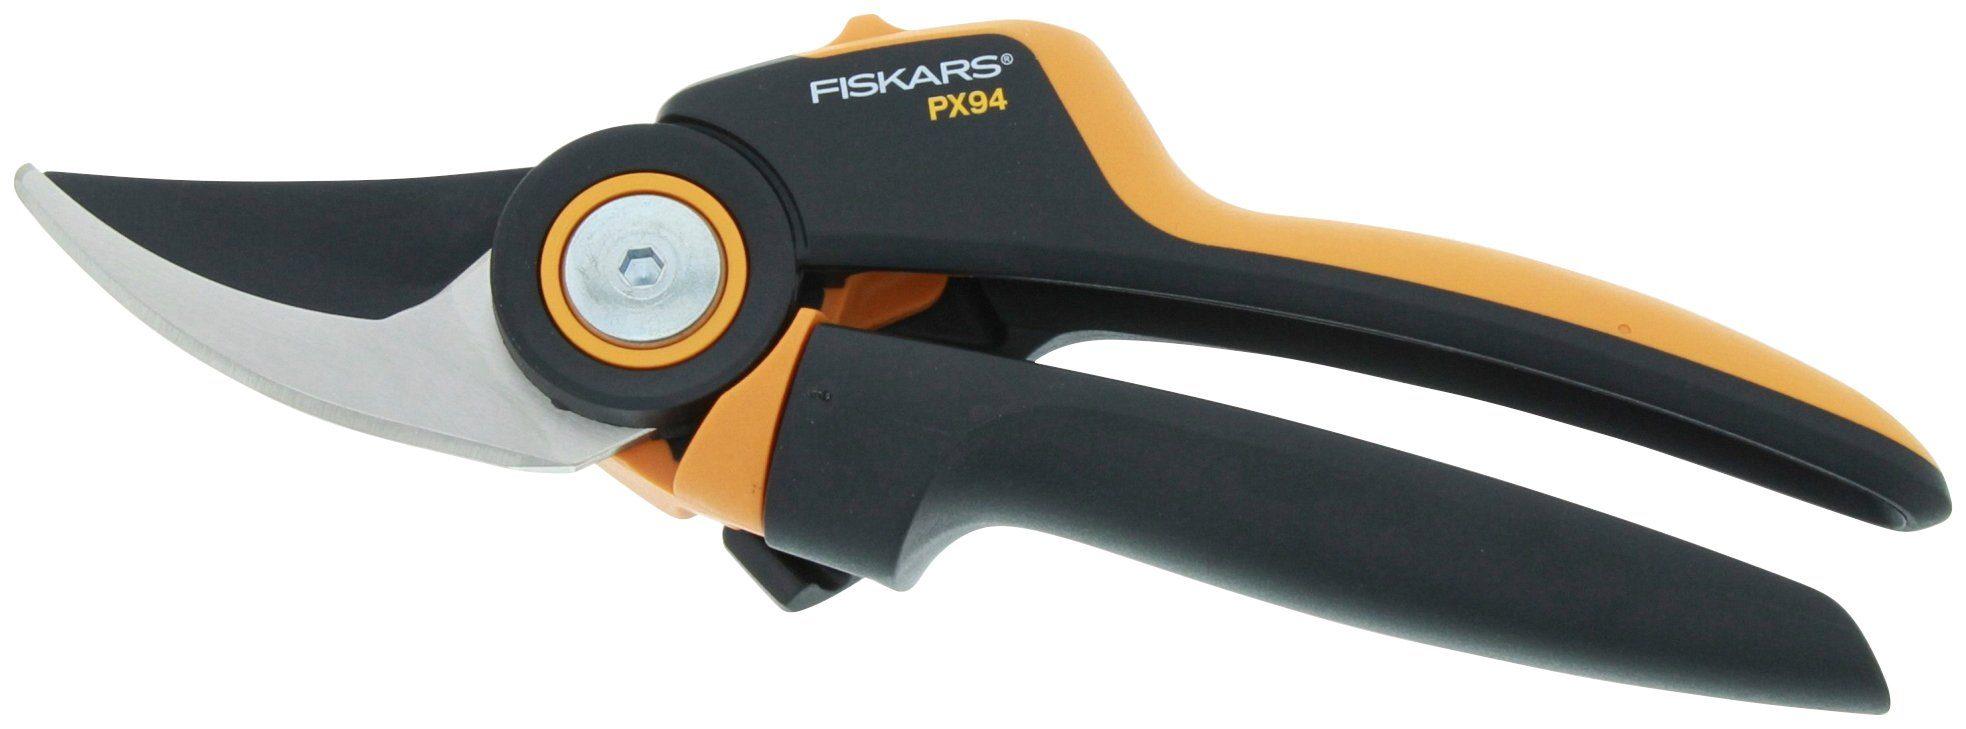 FISKARS Gartenschere »Bypass PX94«, für frisches Holz bis zu Ø 2,6 cm